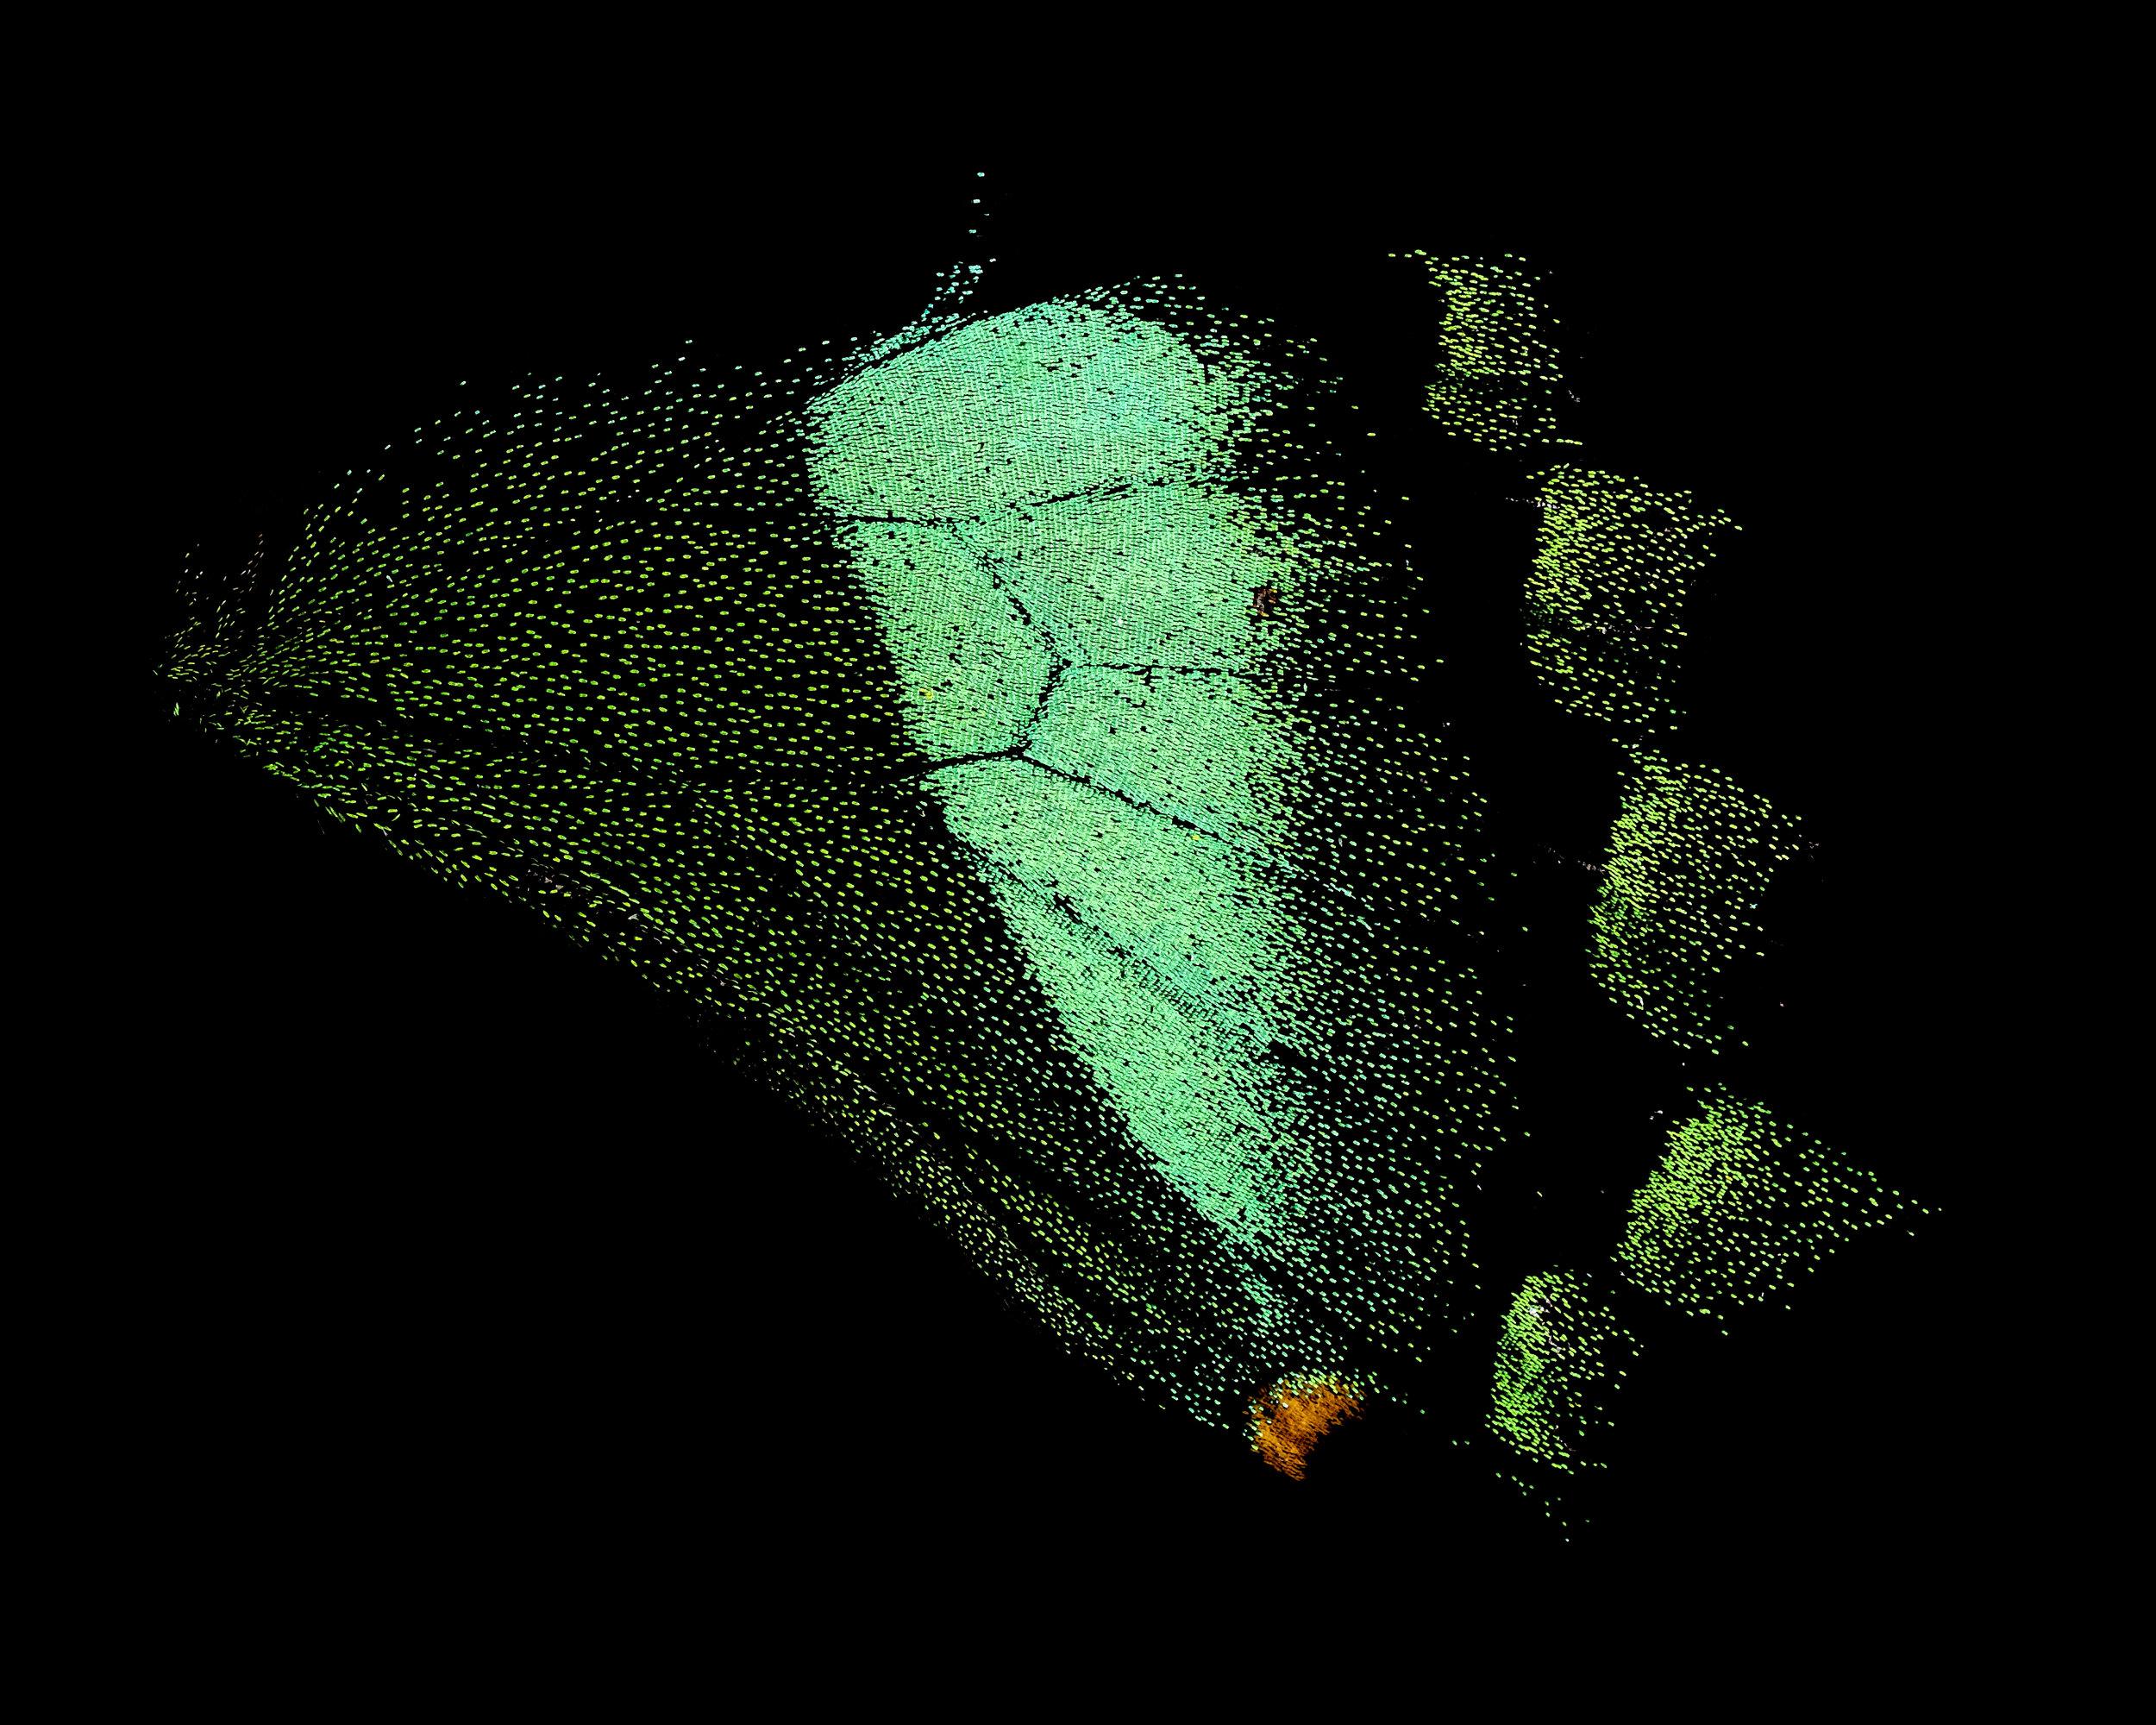 DSCF2892 1 fs.jpg